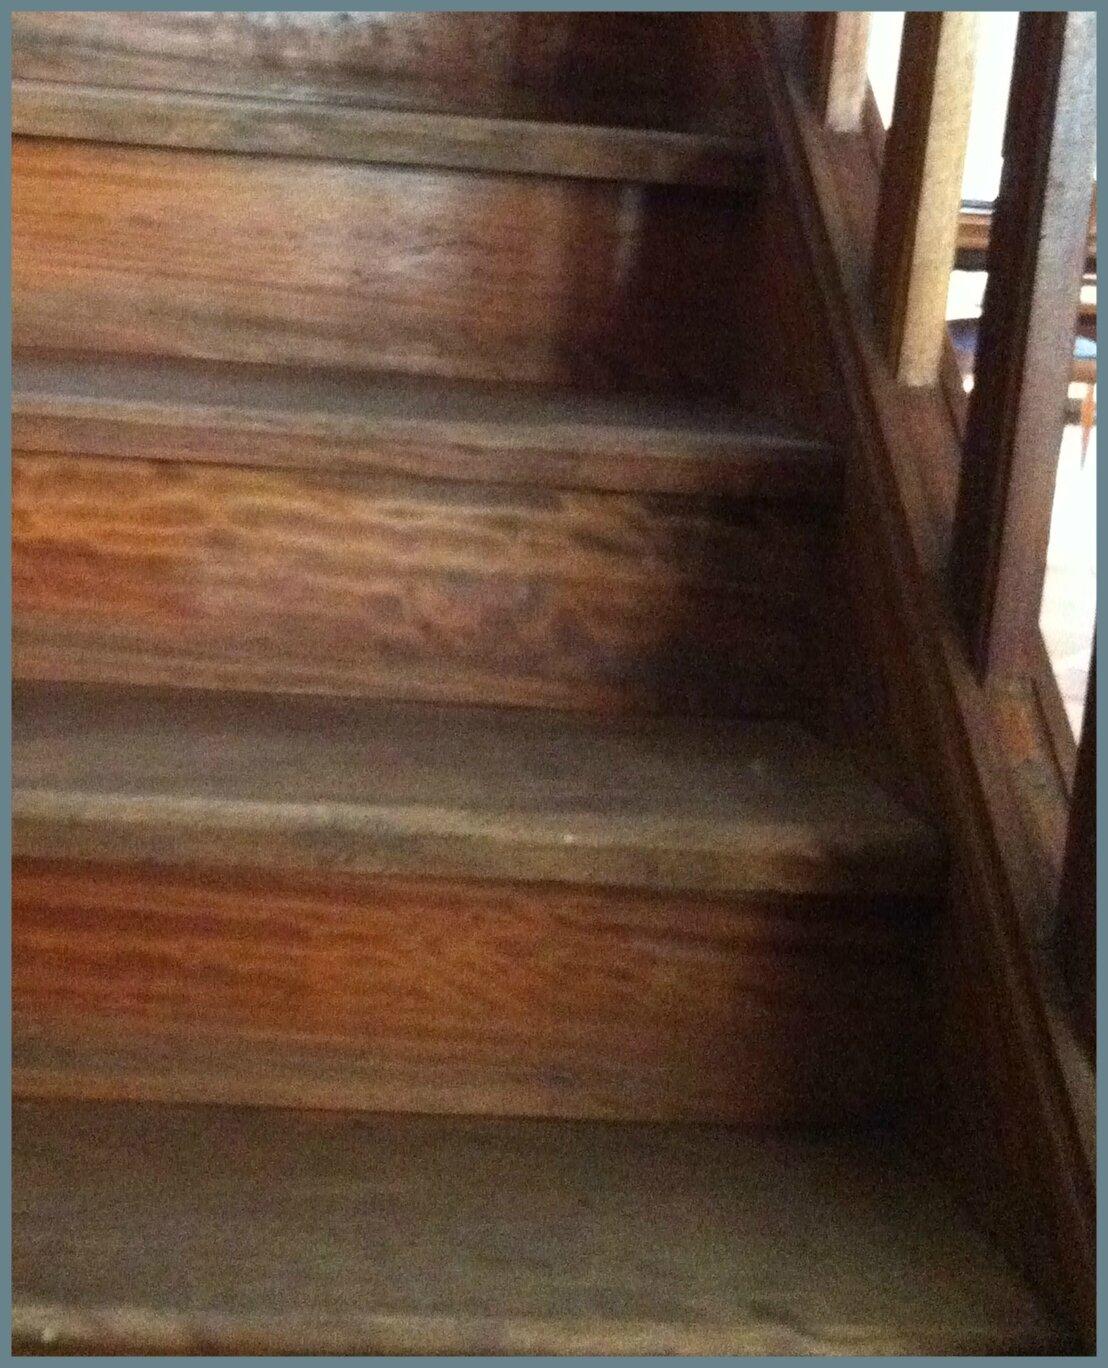 Magie d 39 un coup de peinture pas pareil by me for Peinture sur escalier bois